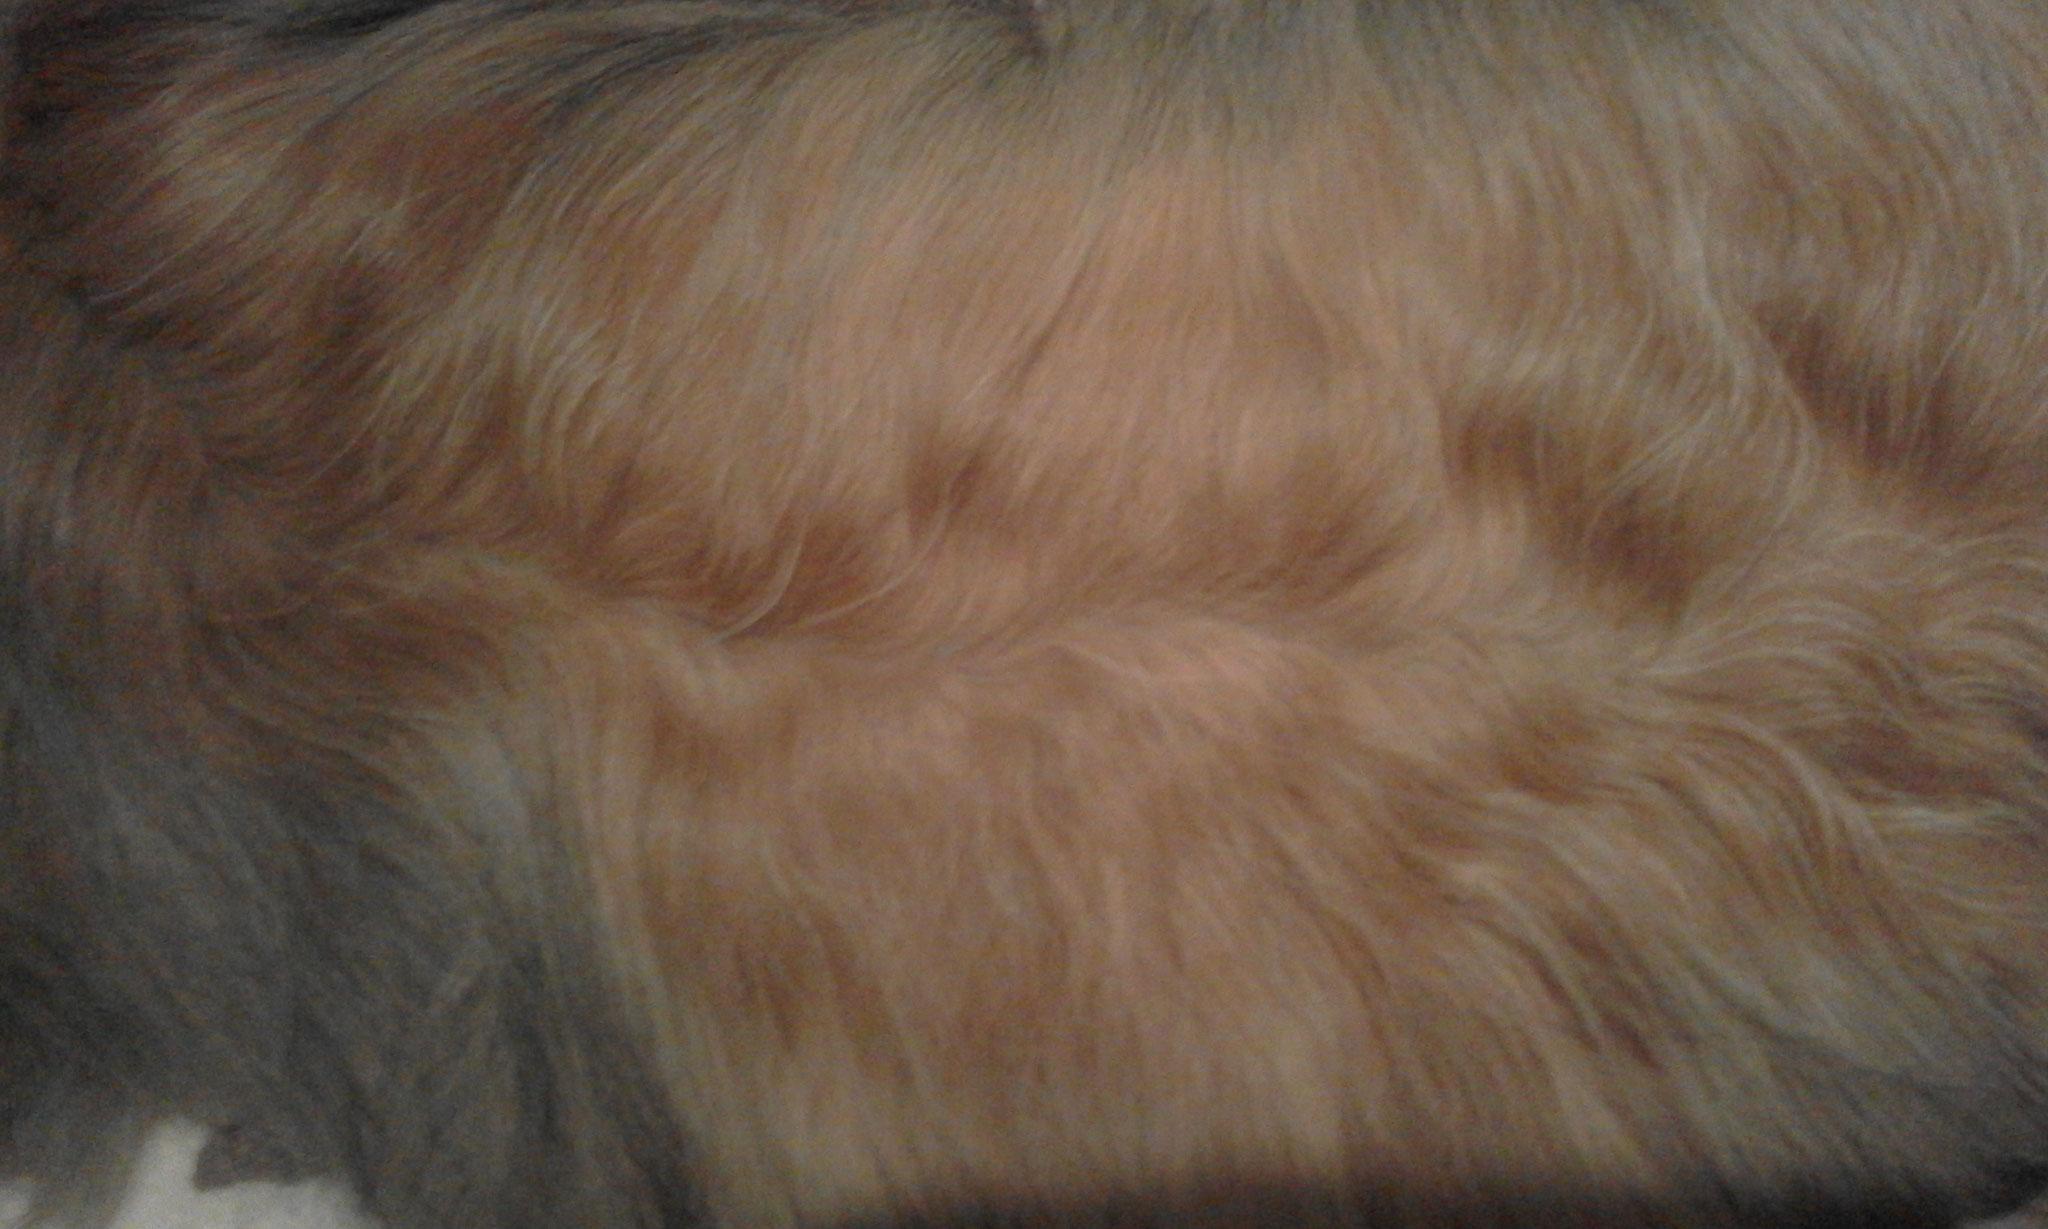 oooohh schaut euch mal das schöne Haar an, es wächst...